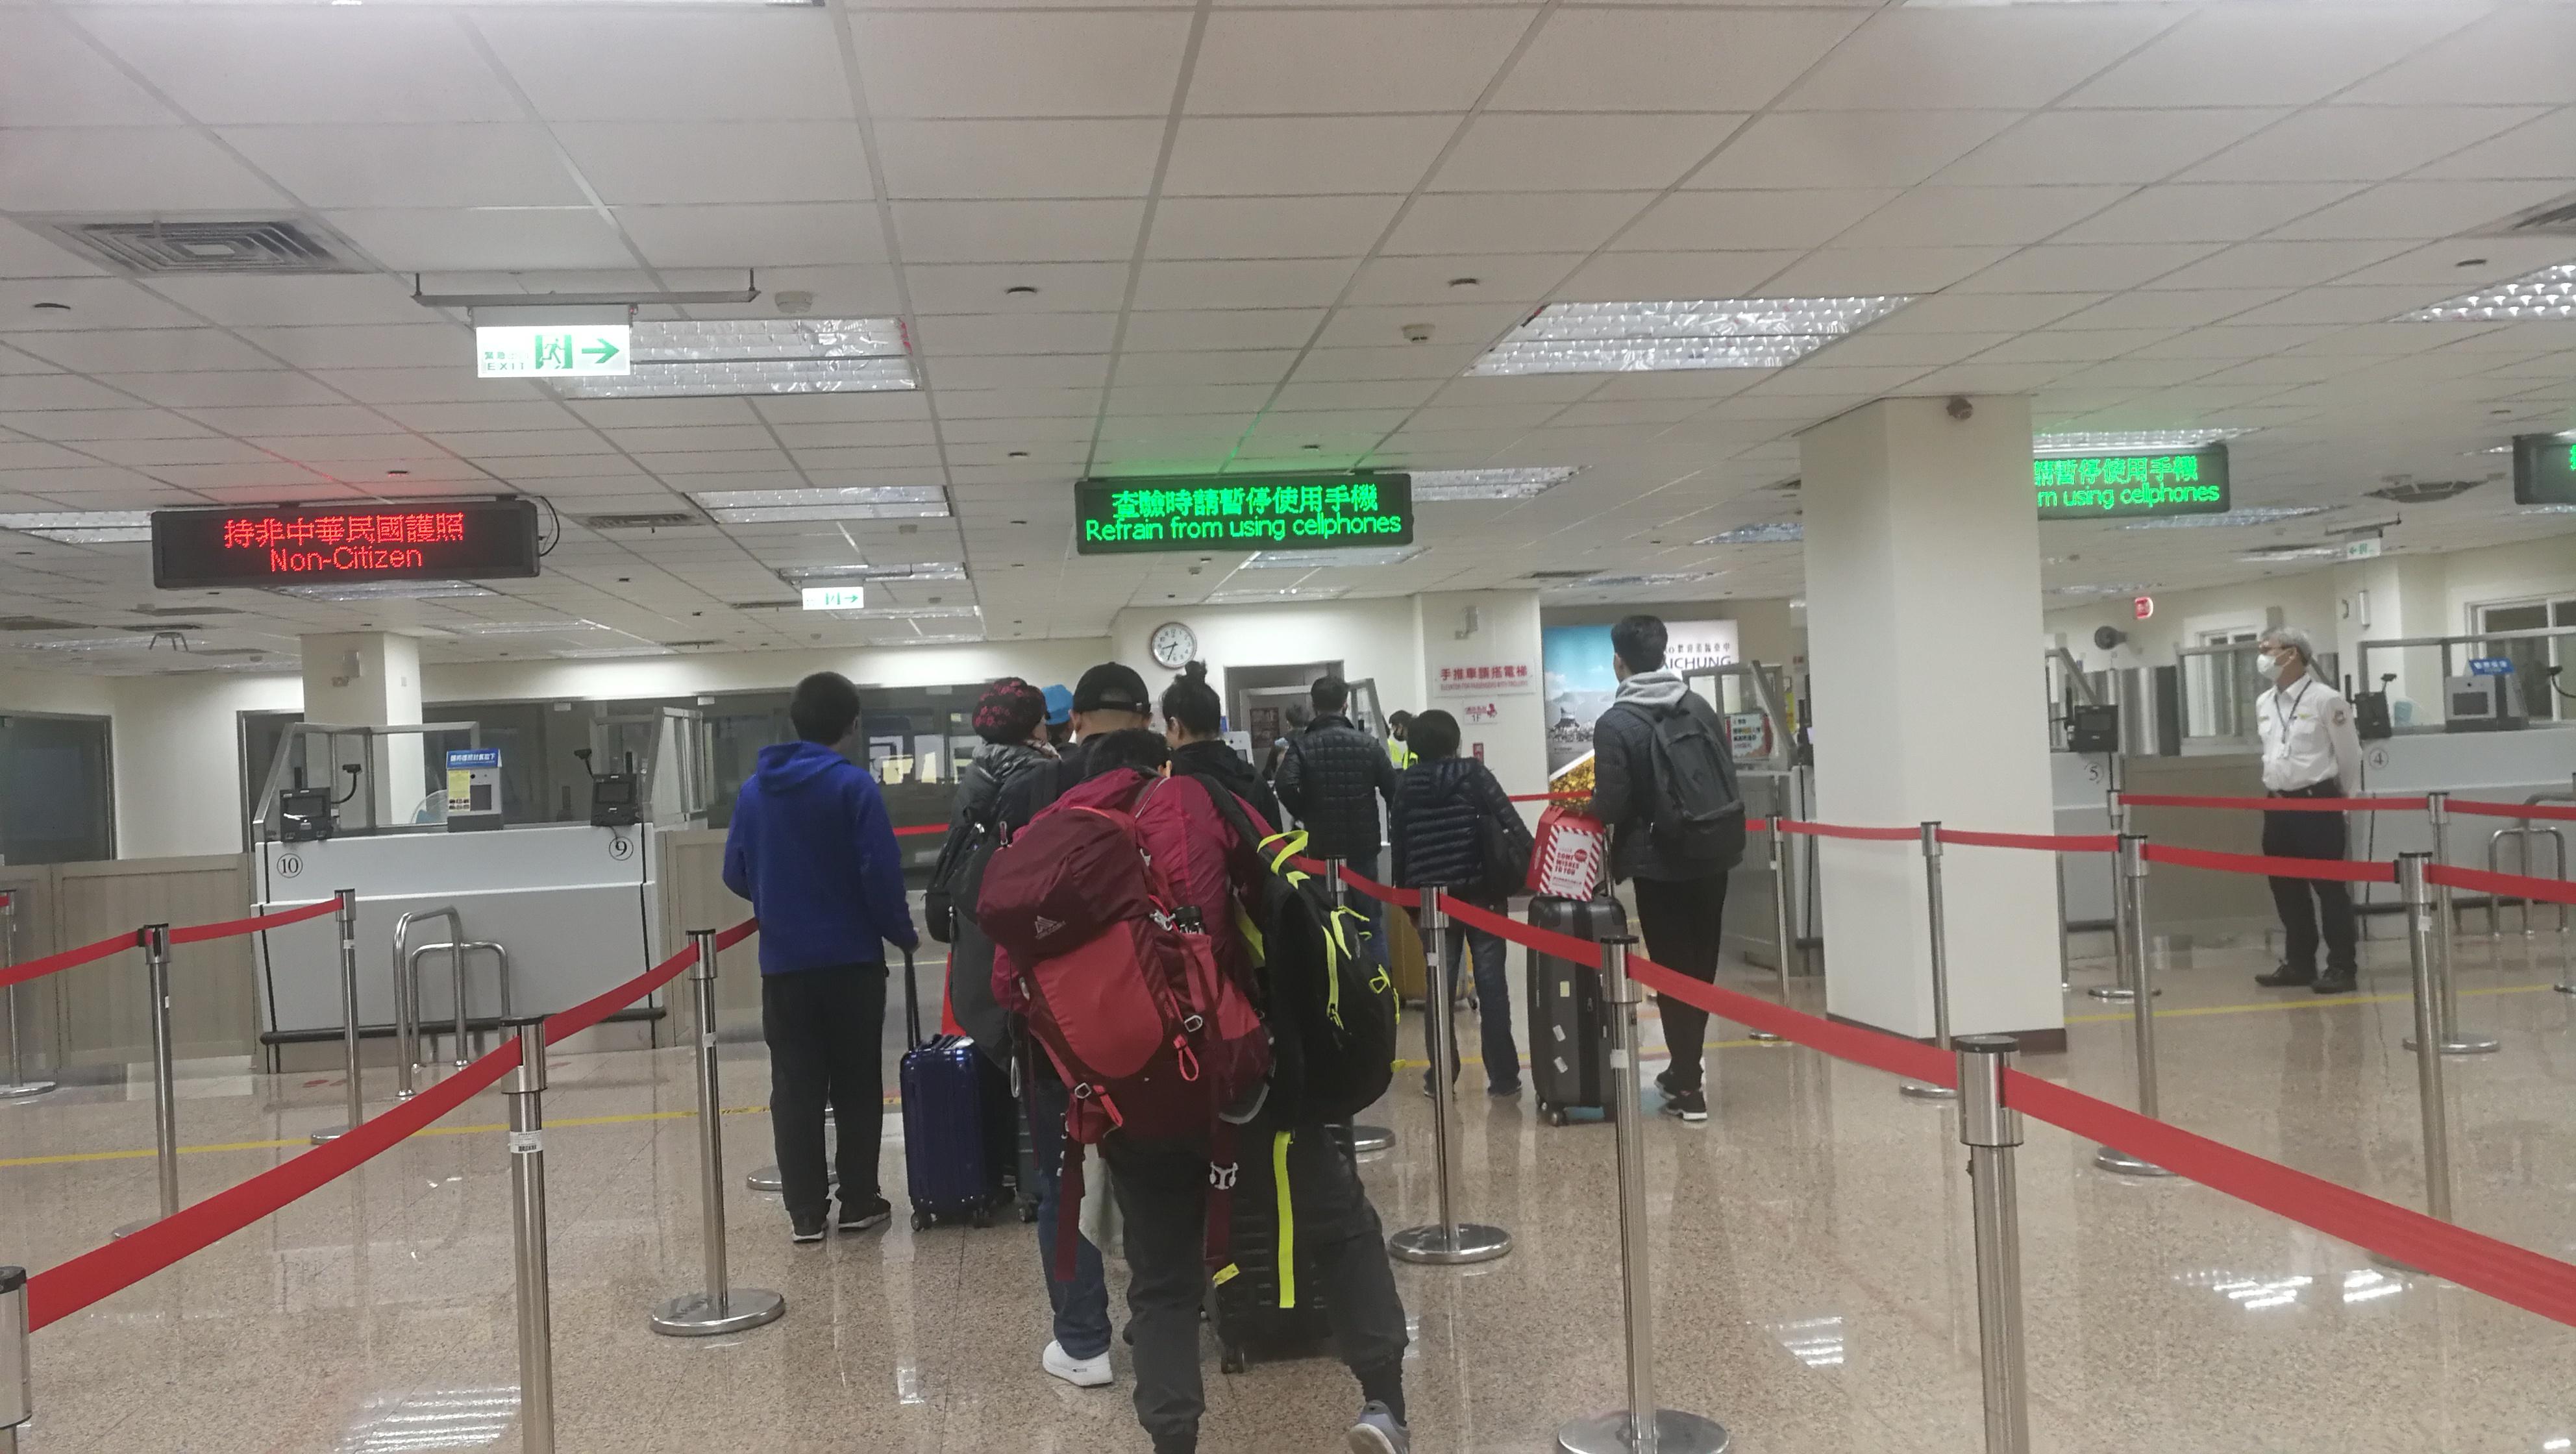 2020年1月22日上午,台湾台中港旅客服务中心,办理入境的旅客不多。